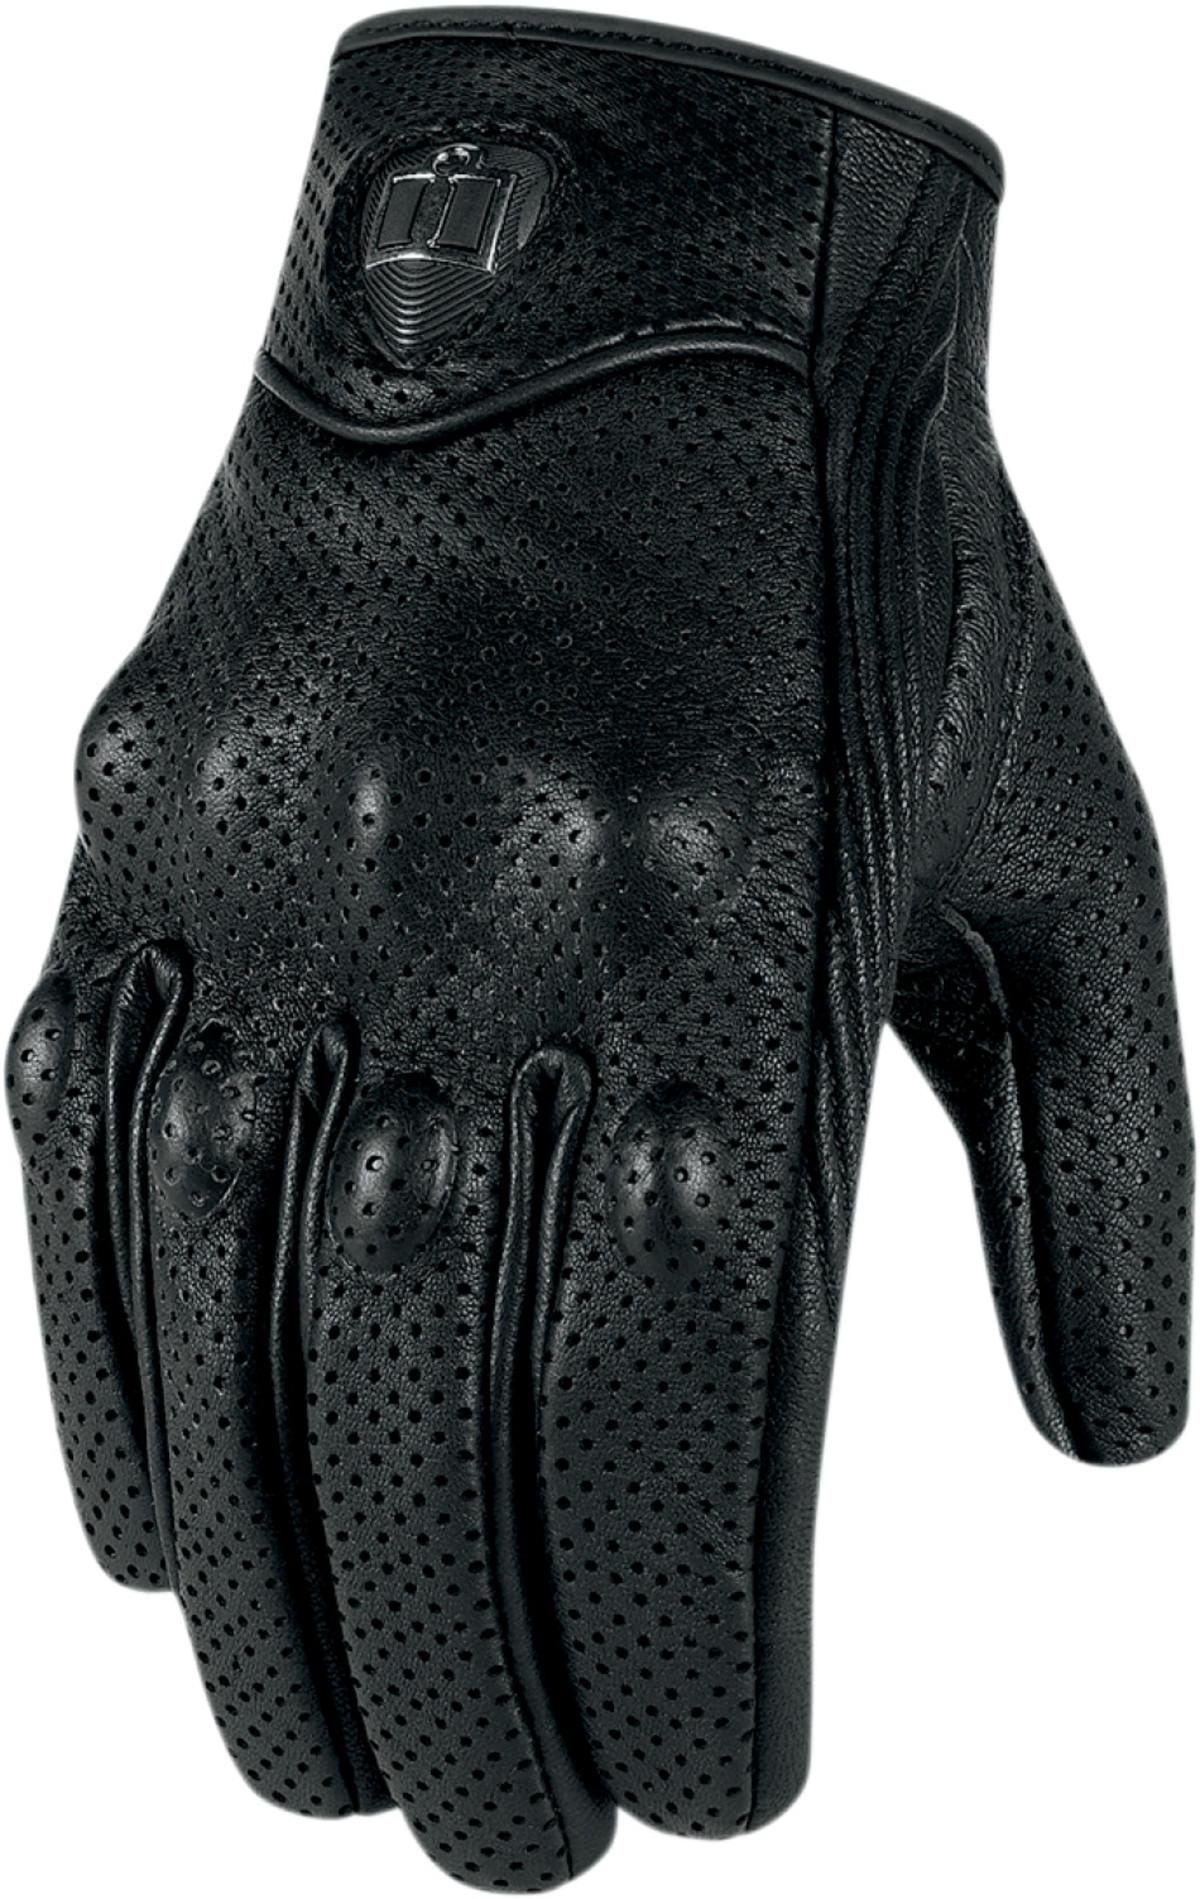 Mens leather gloves sale - Just Sheepskin Mens Gloves